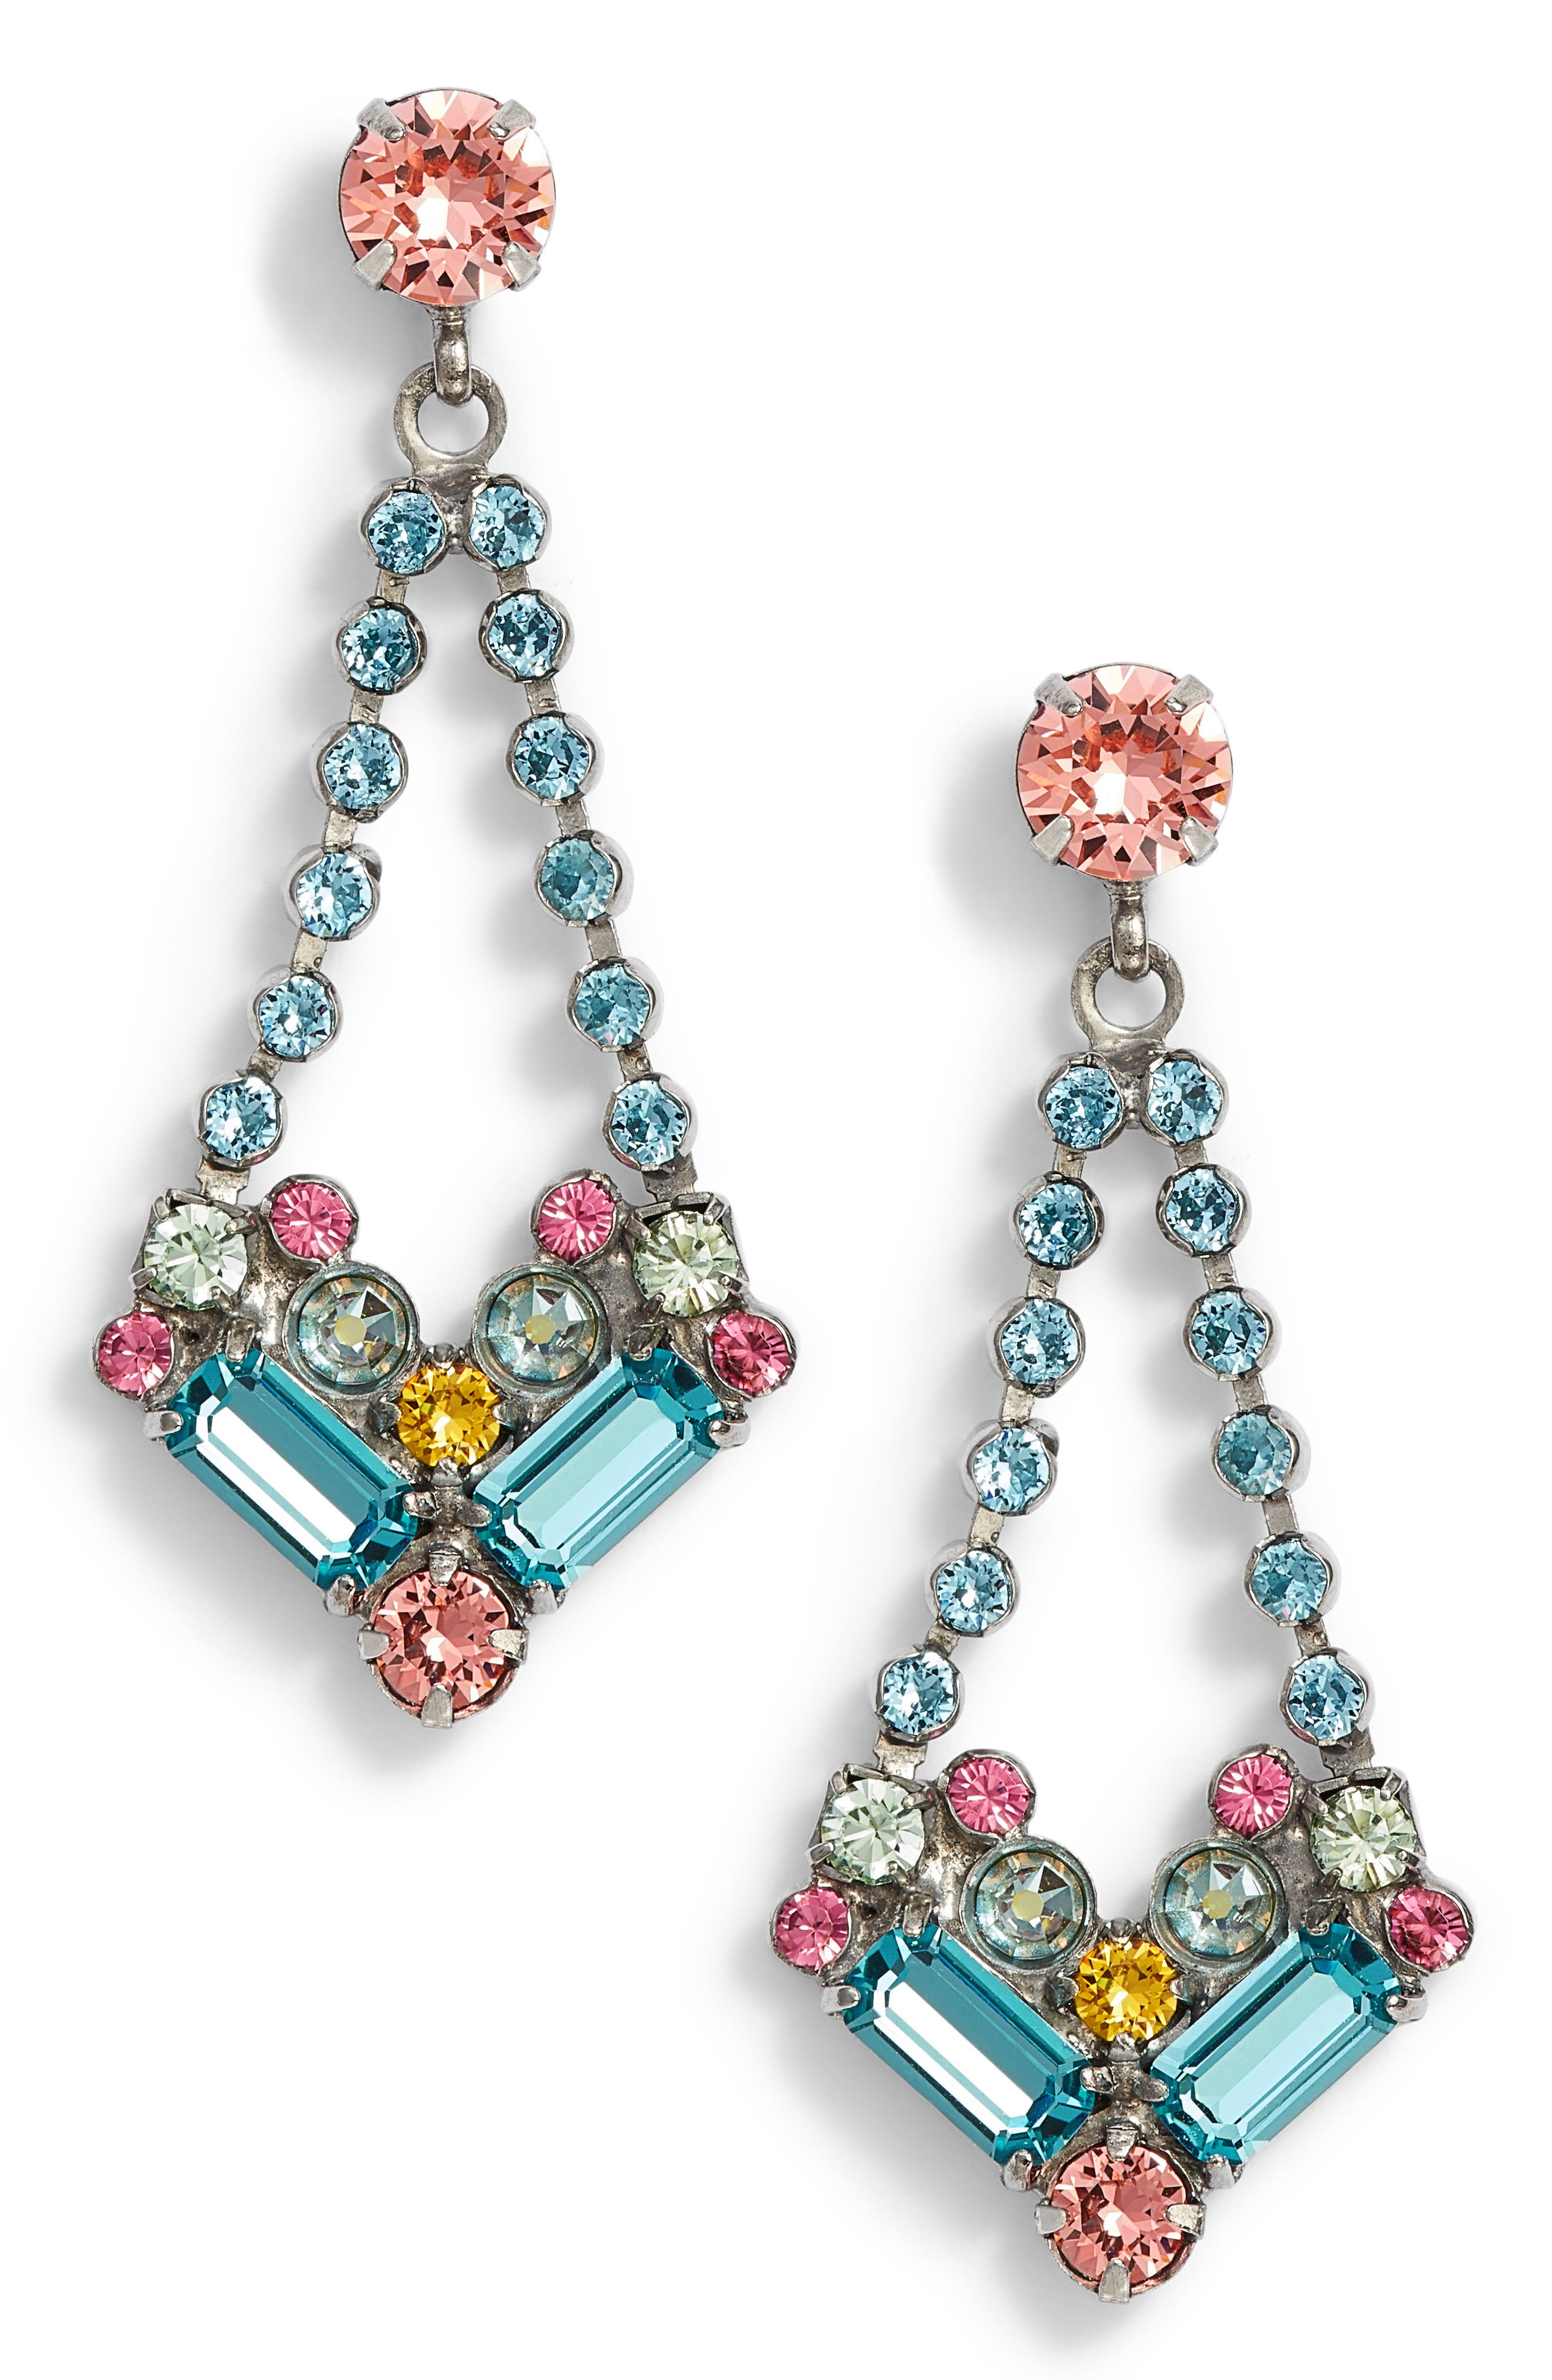 Kalmia Earrings,                             Main thumbnail 1, color,                             Aqua/ Pink/ Green